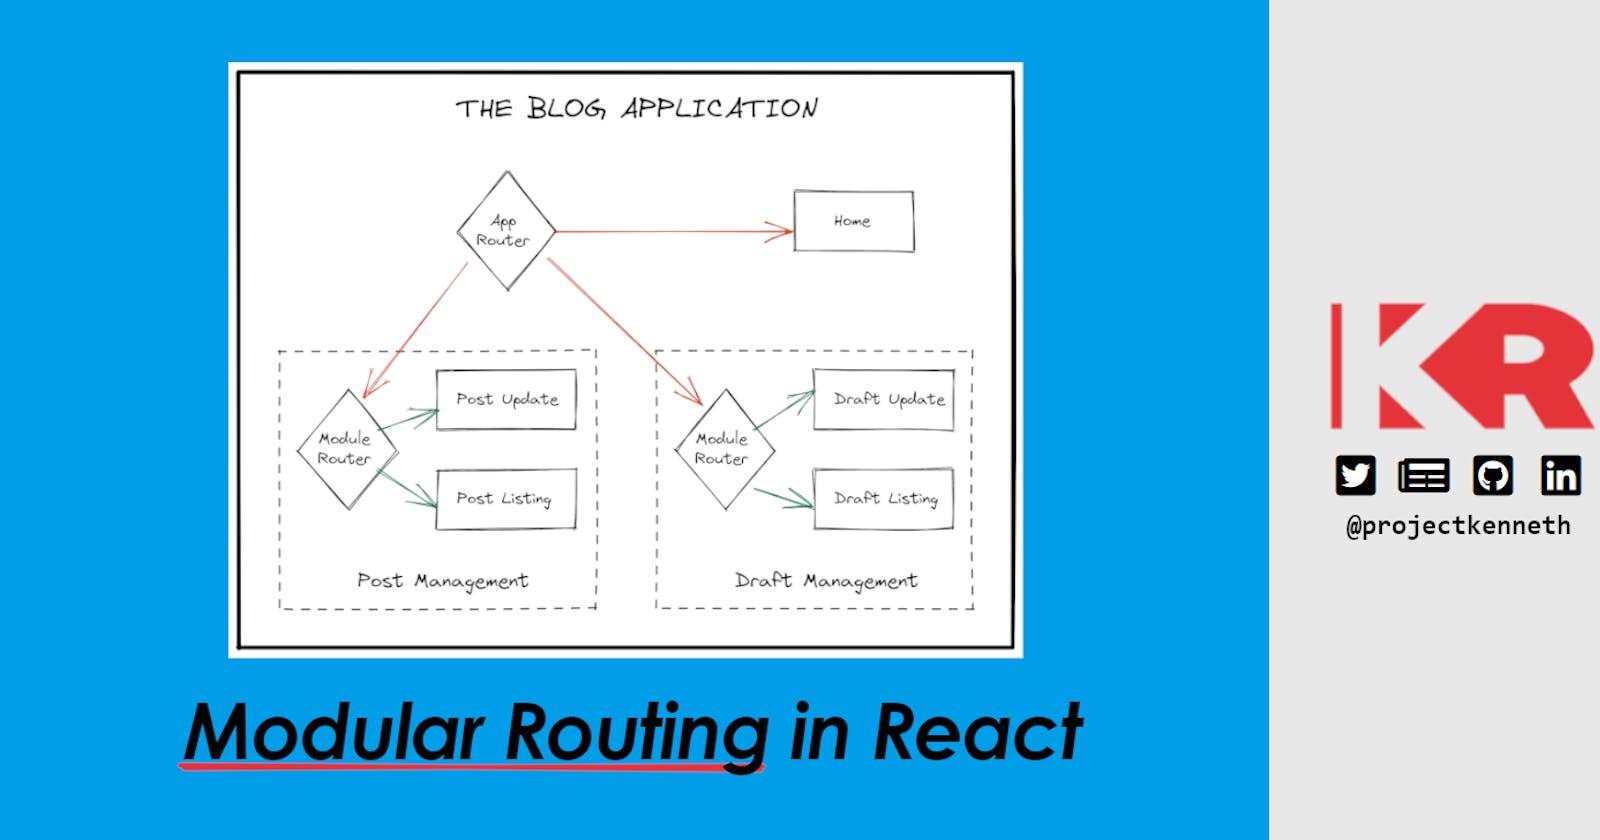 Modular Routing in React